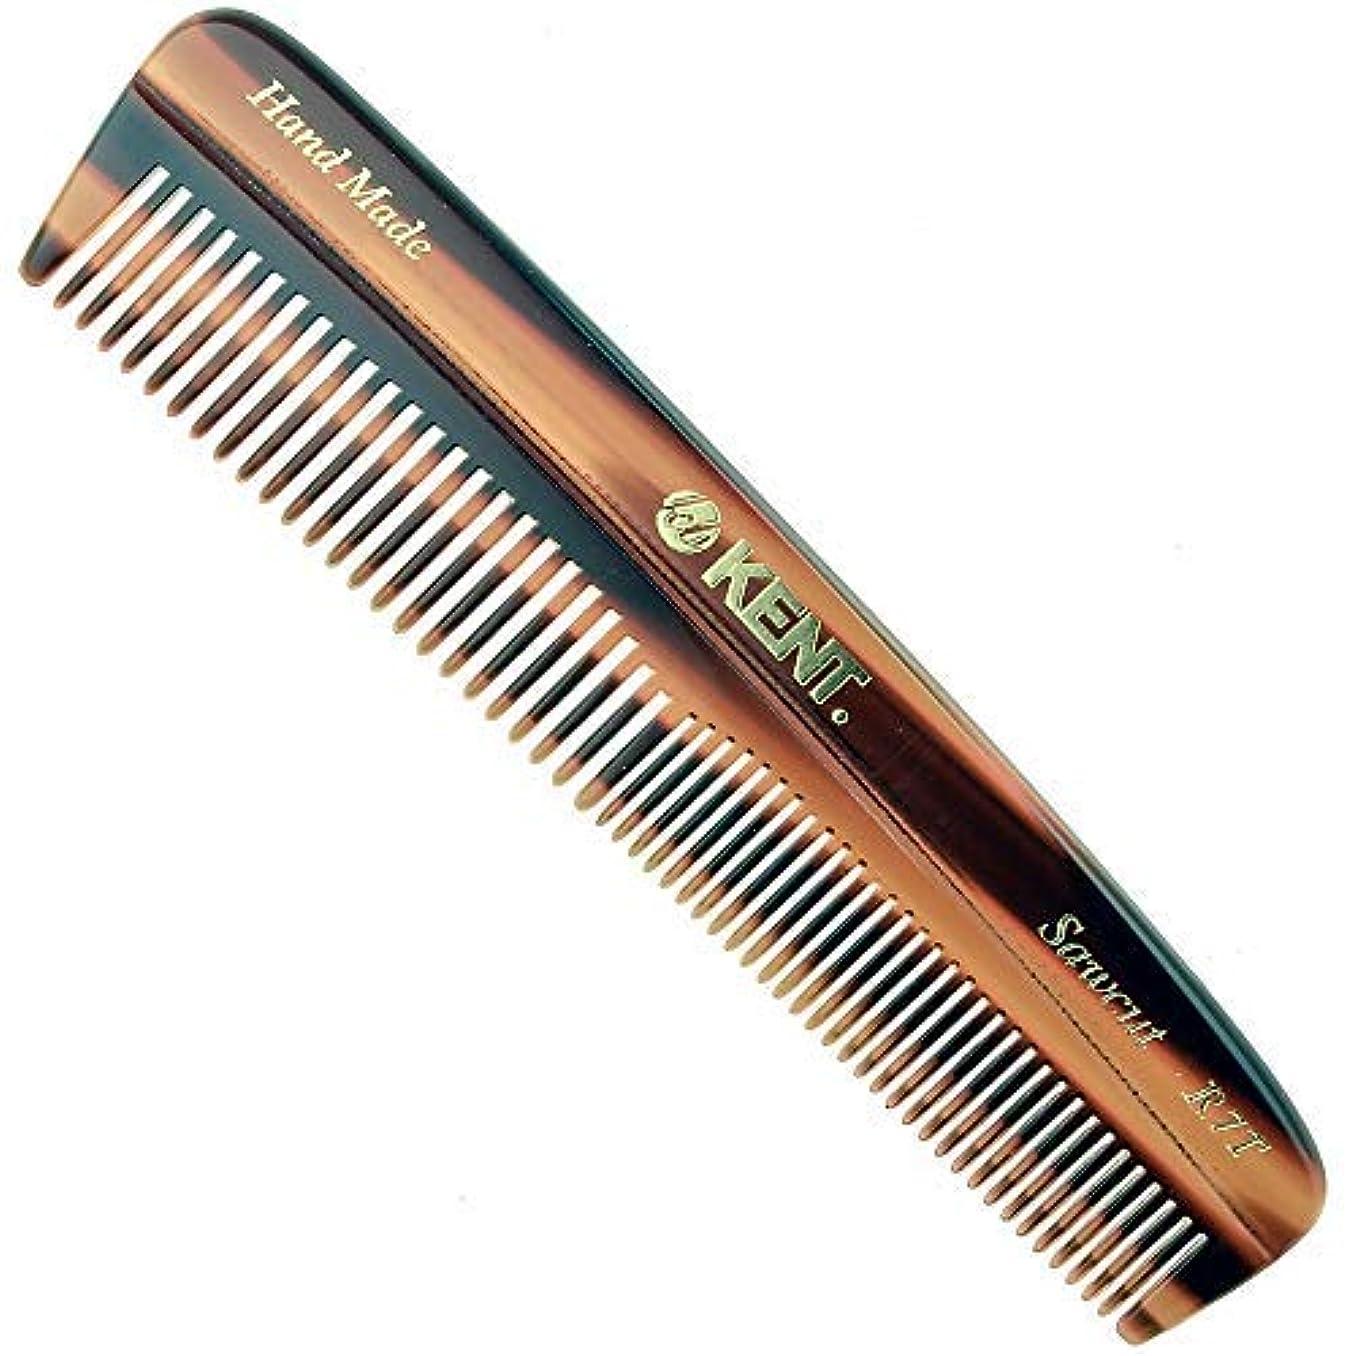 恨み息苦しいデータムKent R7T - Men's/Women's Coarse and Fine Toothed Small Travel Pocket Comb 130mm/5.63